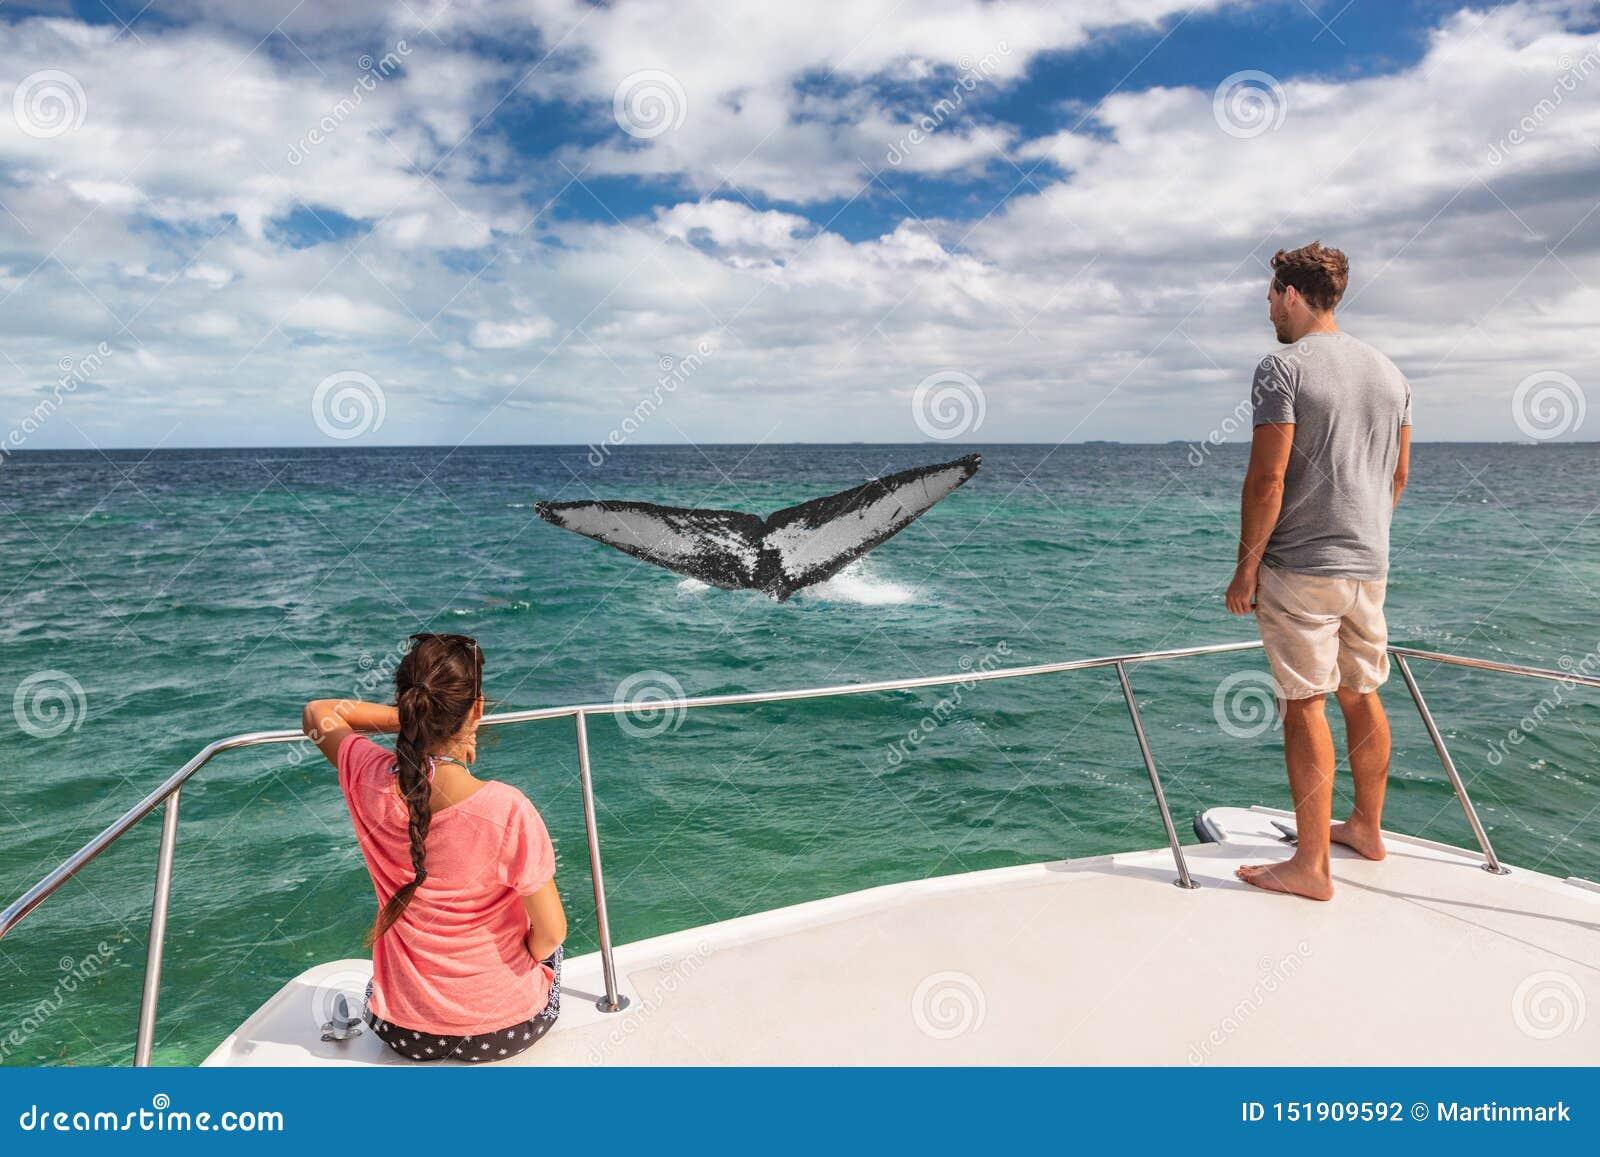 De toeristenmensen die van de walvis verwijderen de steel de lettende op rondvaart op schip gebochelde bekijken van overtredende